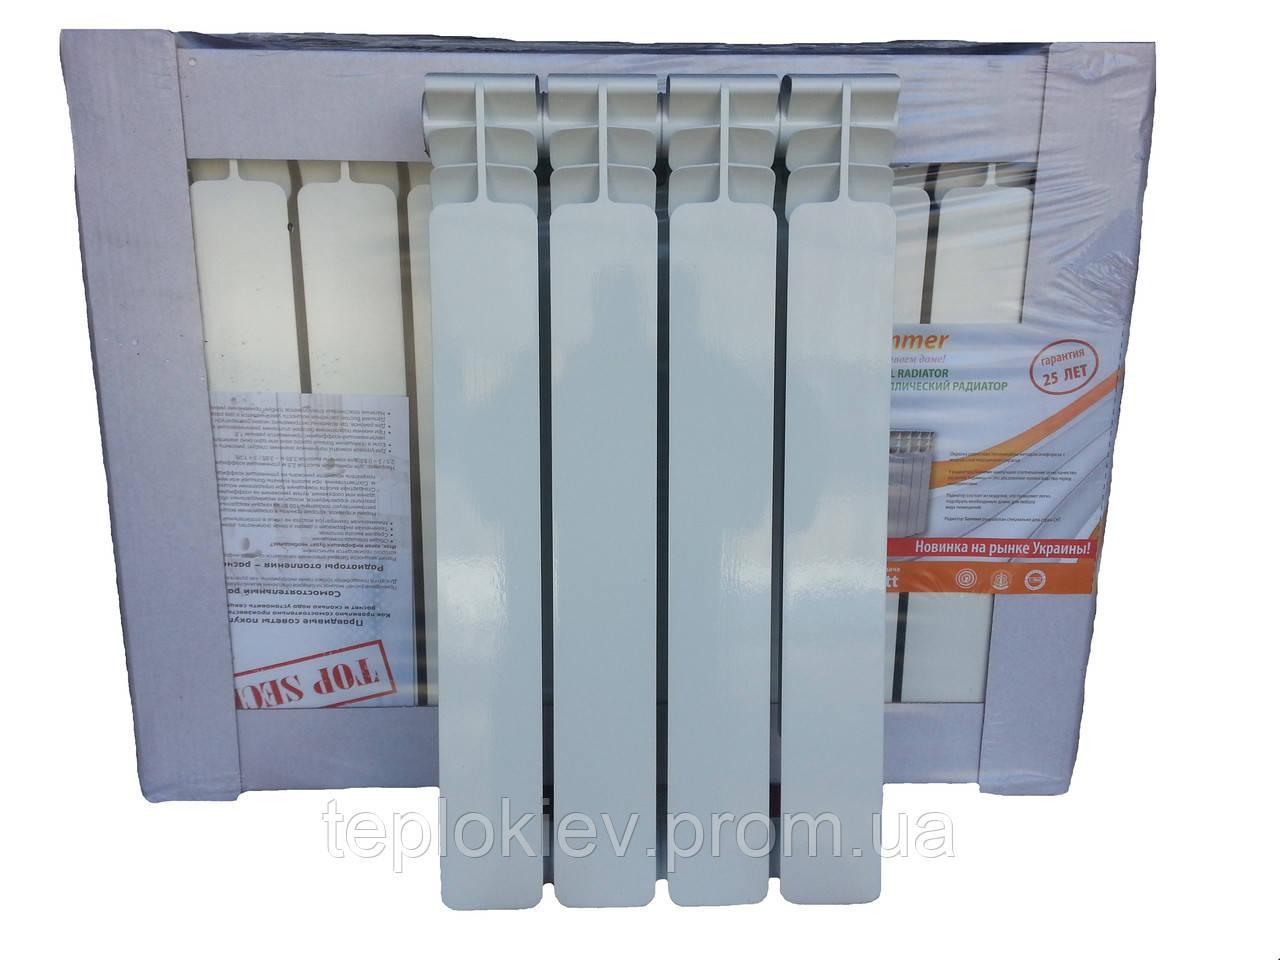 Радиатор биметаллический Мирадо 500/76 30 бар (Summer) - «ТЕПЛОКИЕВ» Всё для отопления и водоснабжения в Киеве